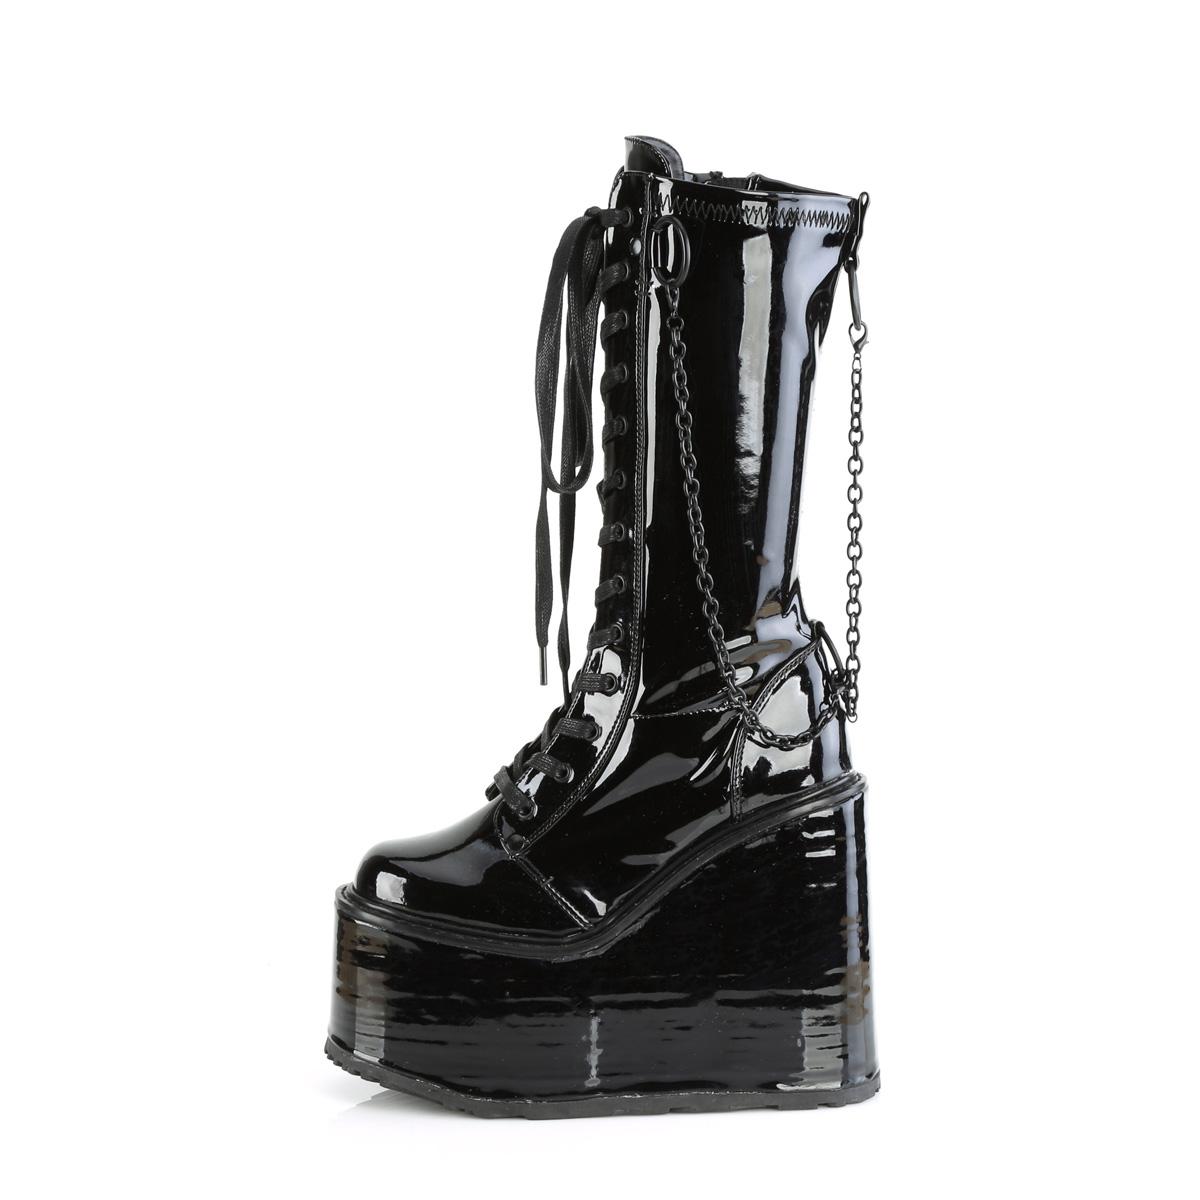 Demonia(デモニア) SWING-150 厚底ミドルブーツ チェーン飾り サイドZIP エナメル黒◆取り寄せ